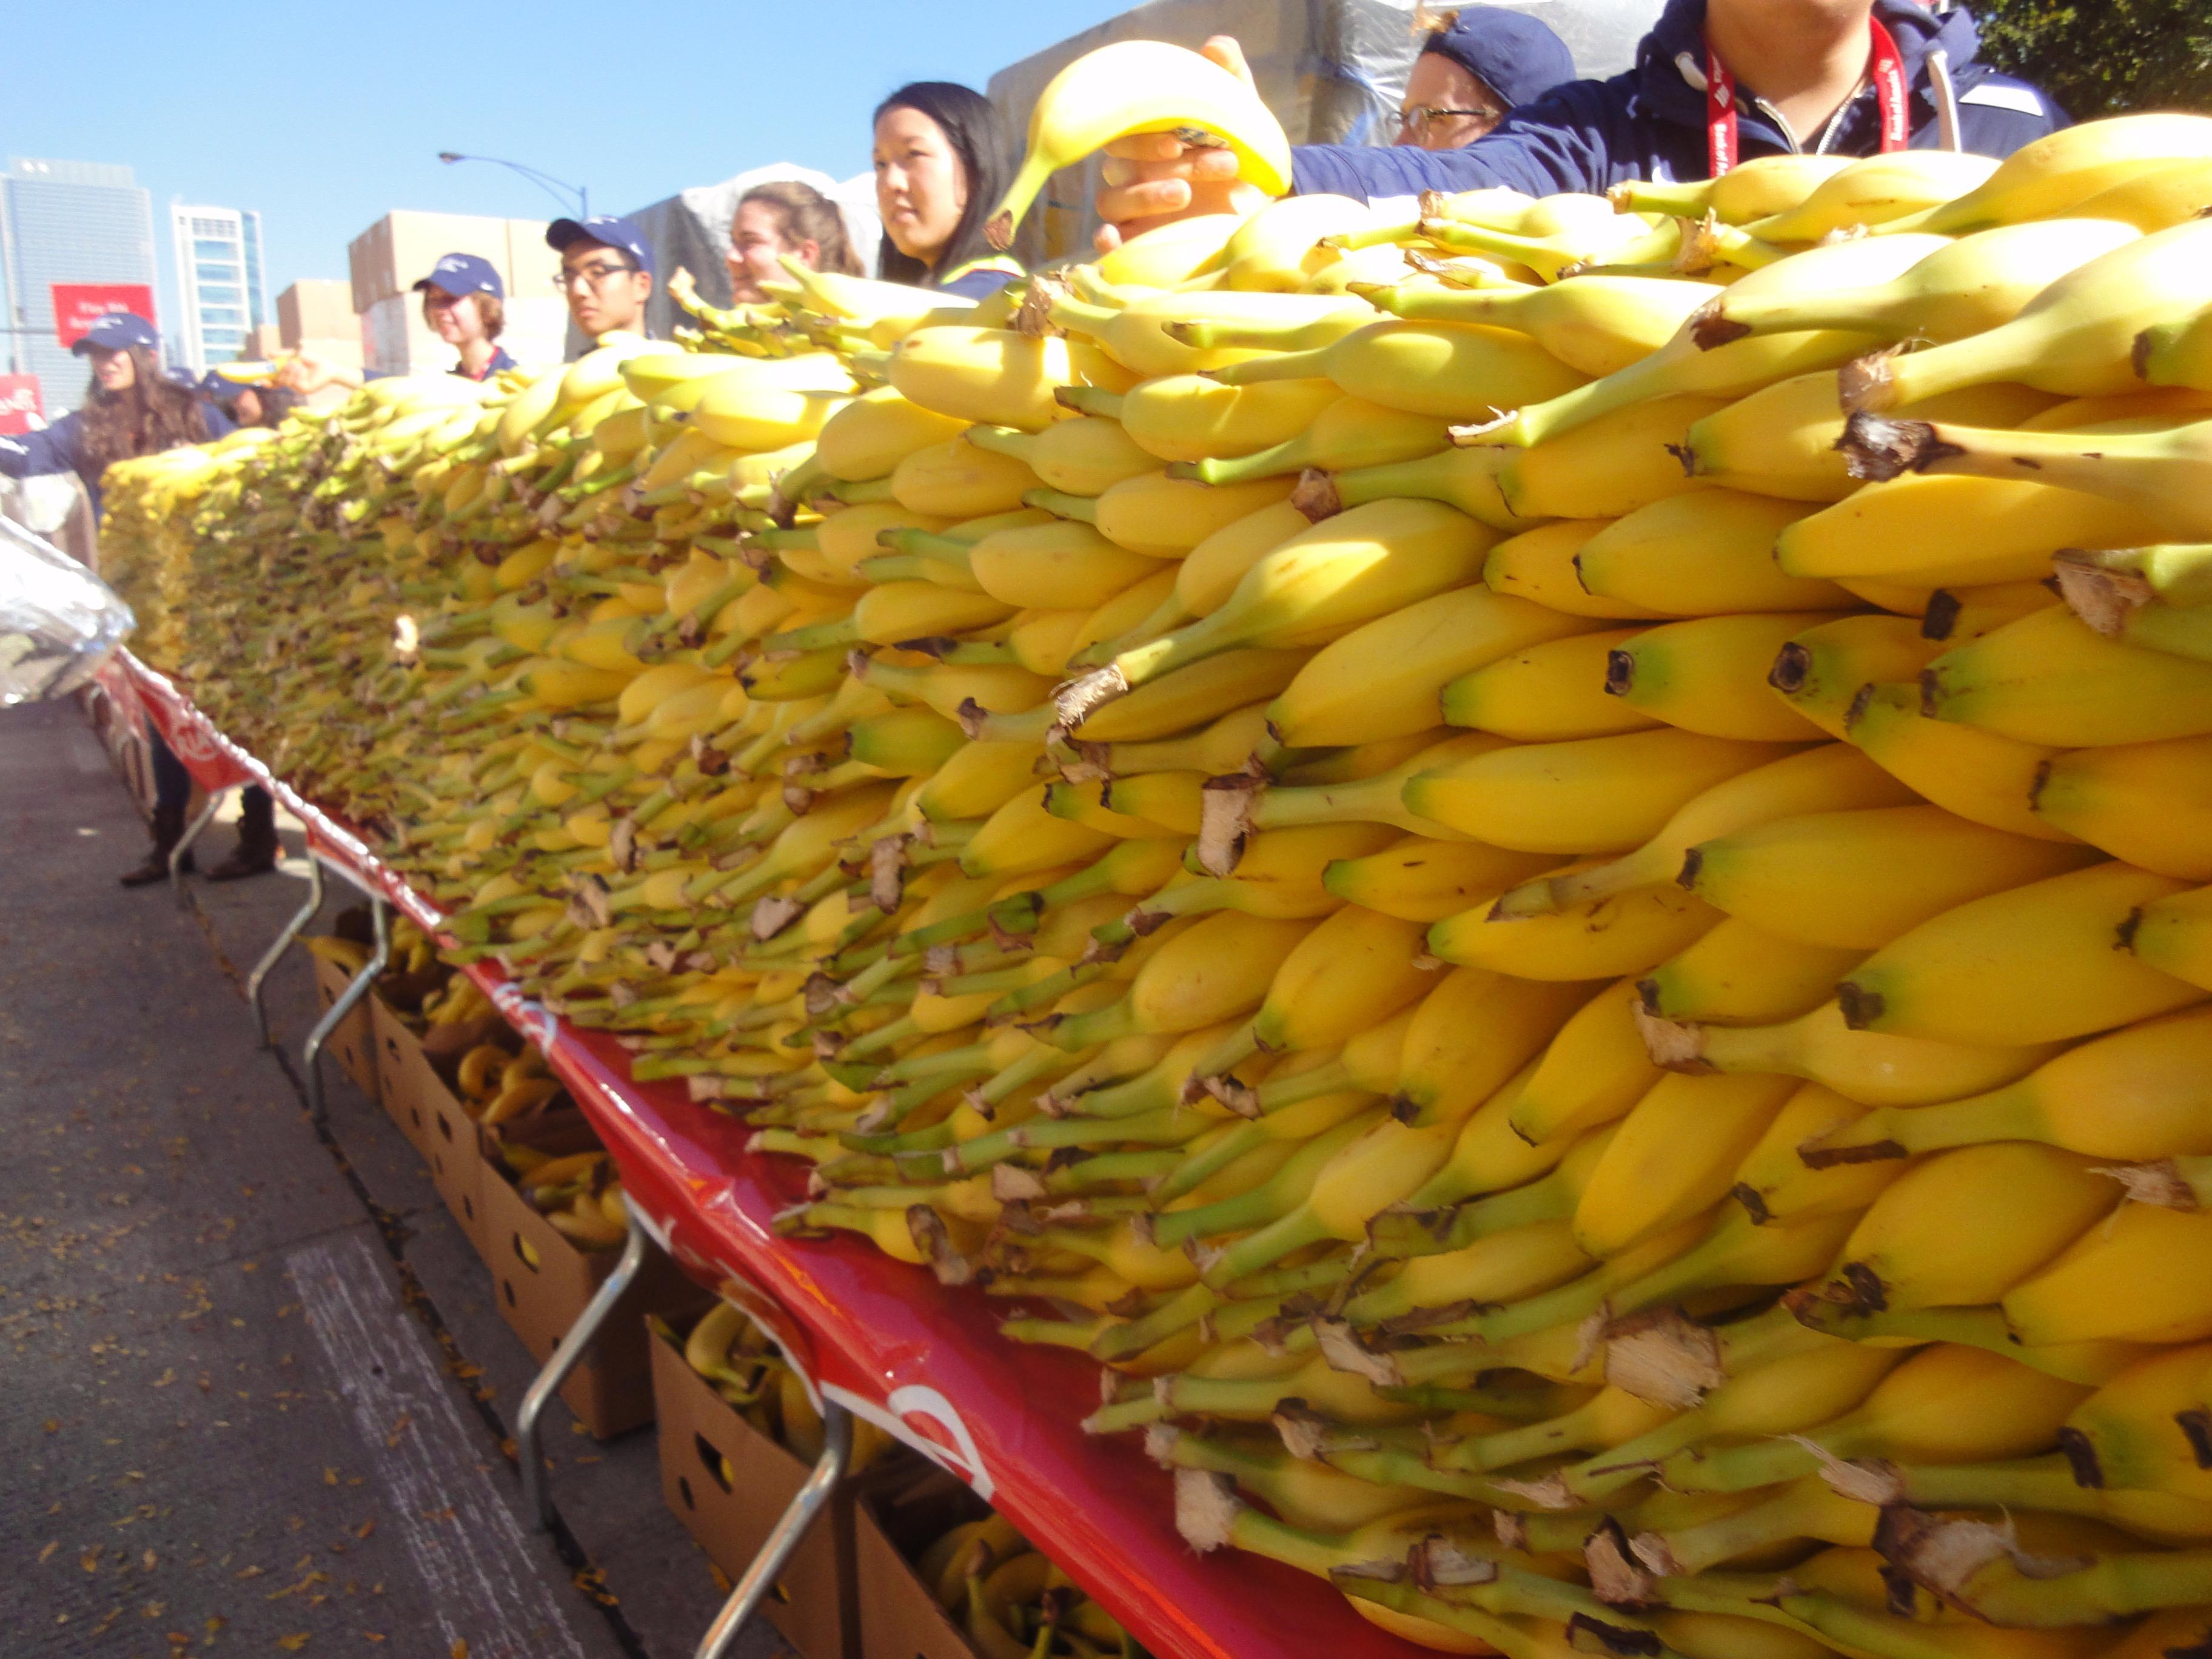 Jede Menge Bananen